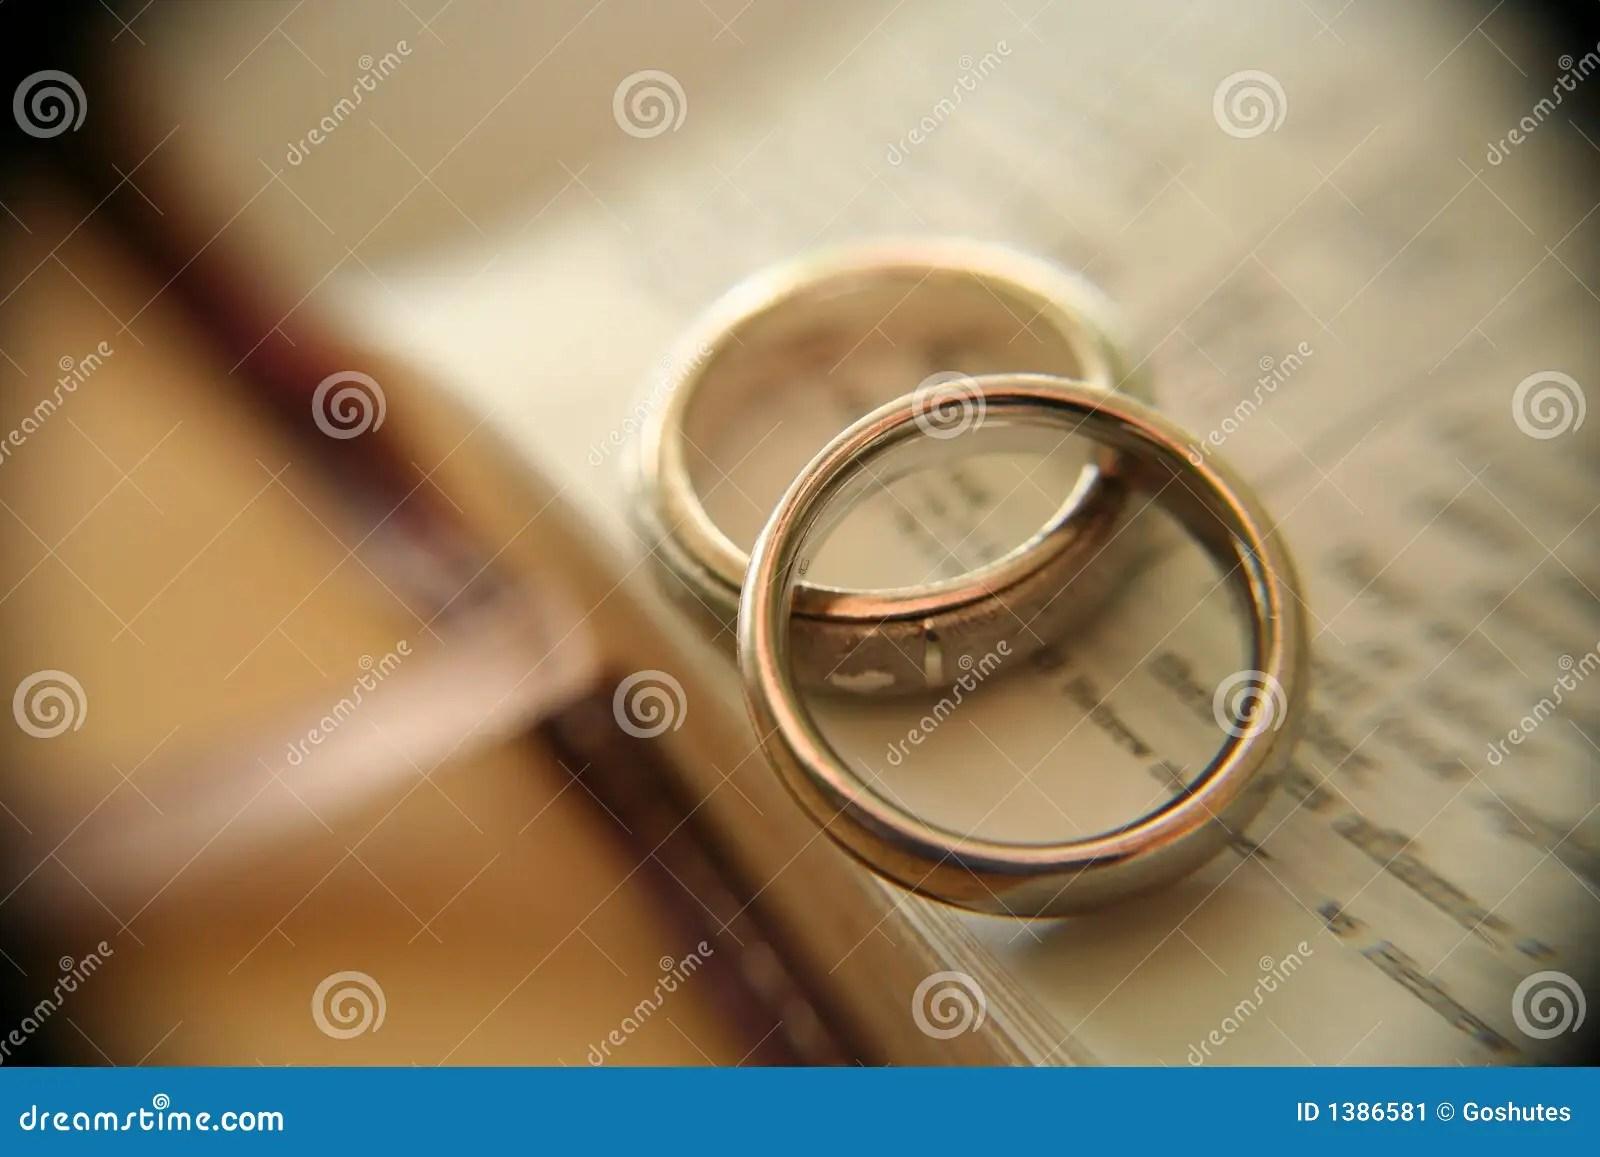 stock image white gold wedding rings bible image gold wedding rings White gold wedding rings on bible